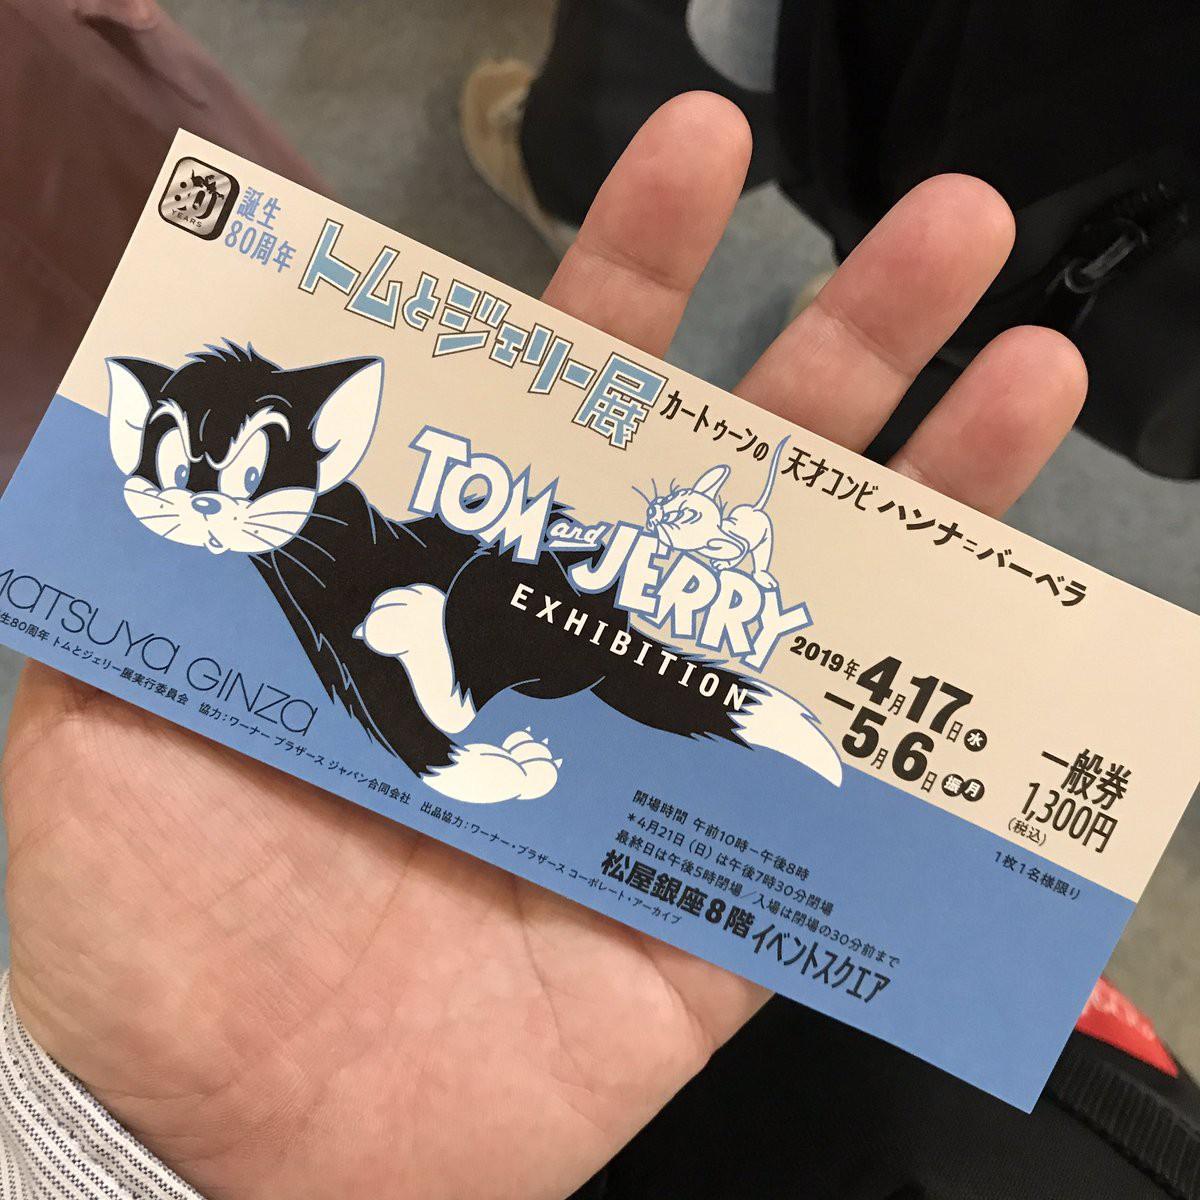 Cả một bầu trời tuổi thơ với triển lãm Tom&Jerry ở Nhật Bản: Hoá ra mèo Tom đã từng bị hành khổ sở thế này đây! - Ảnh 10.